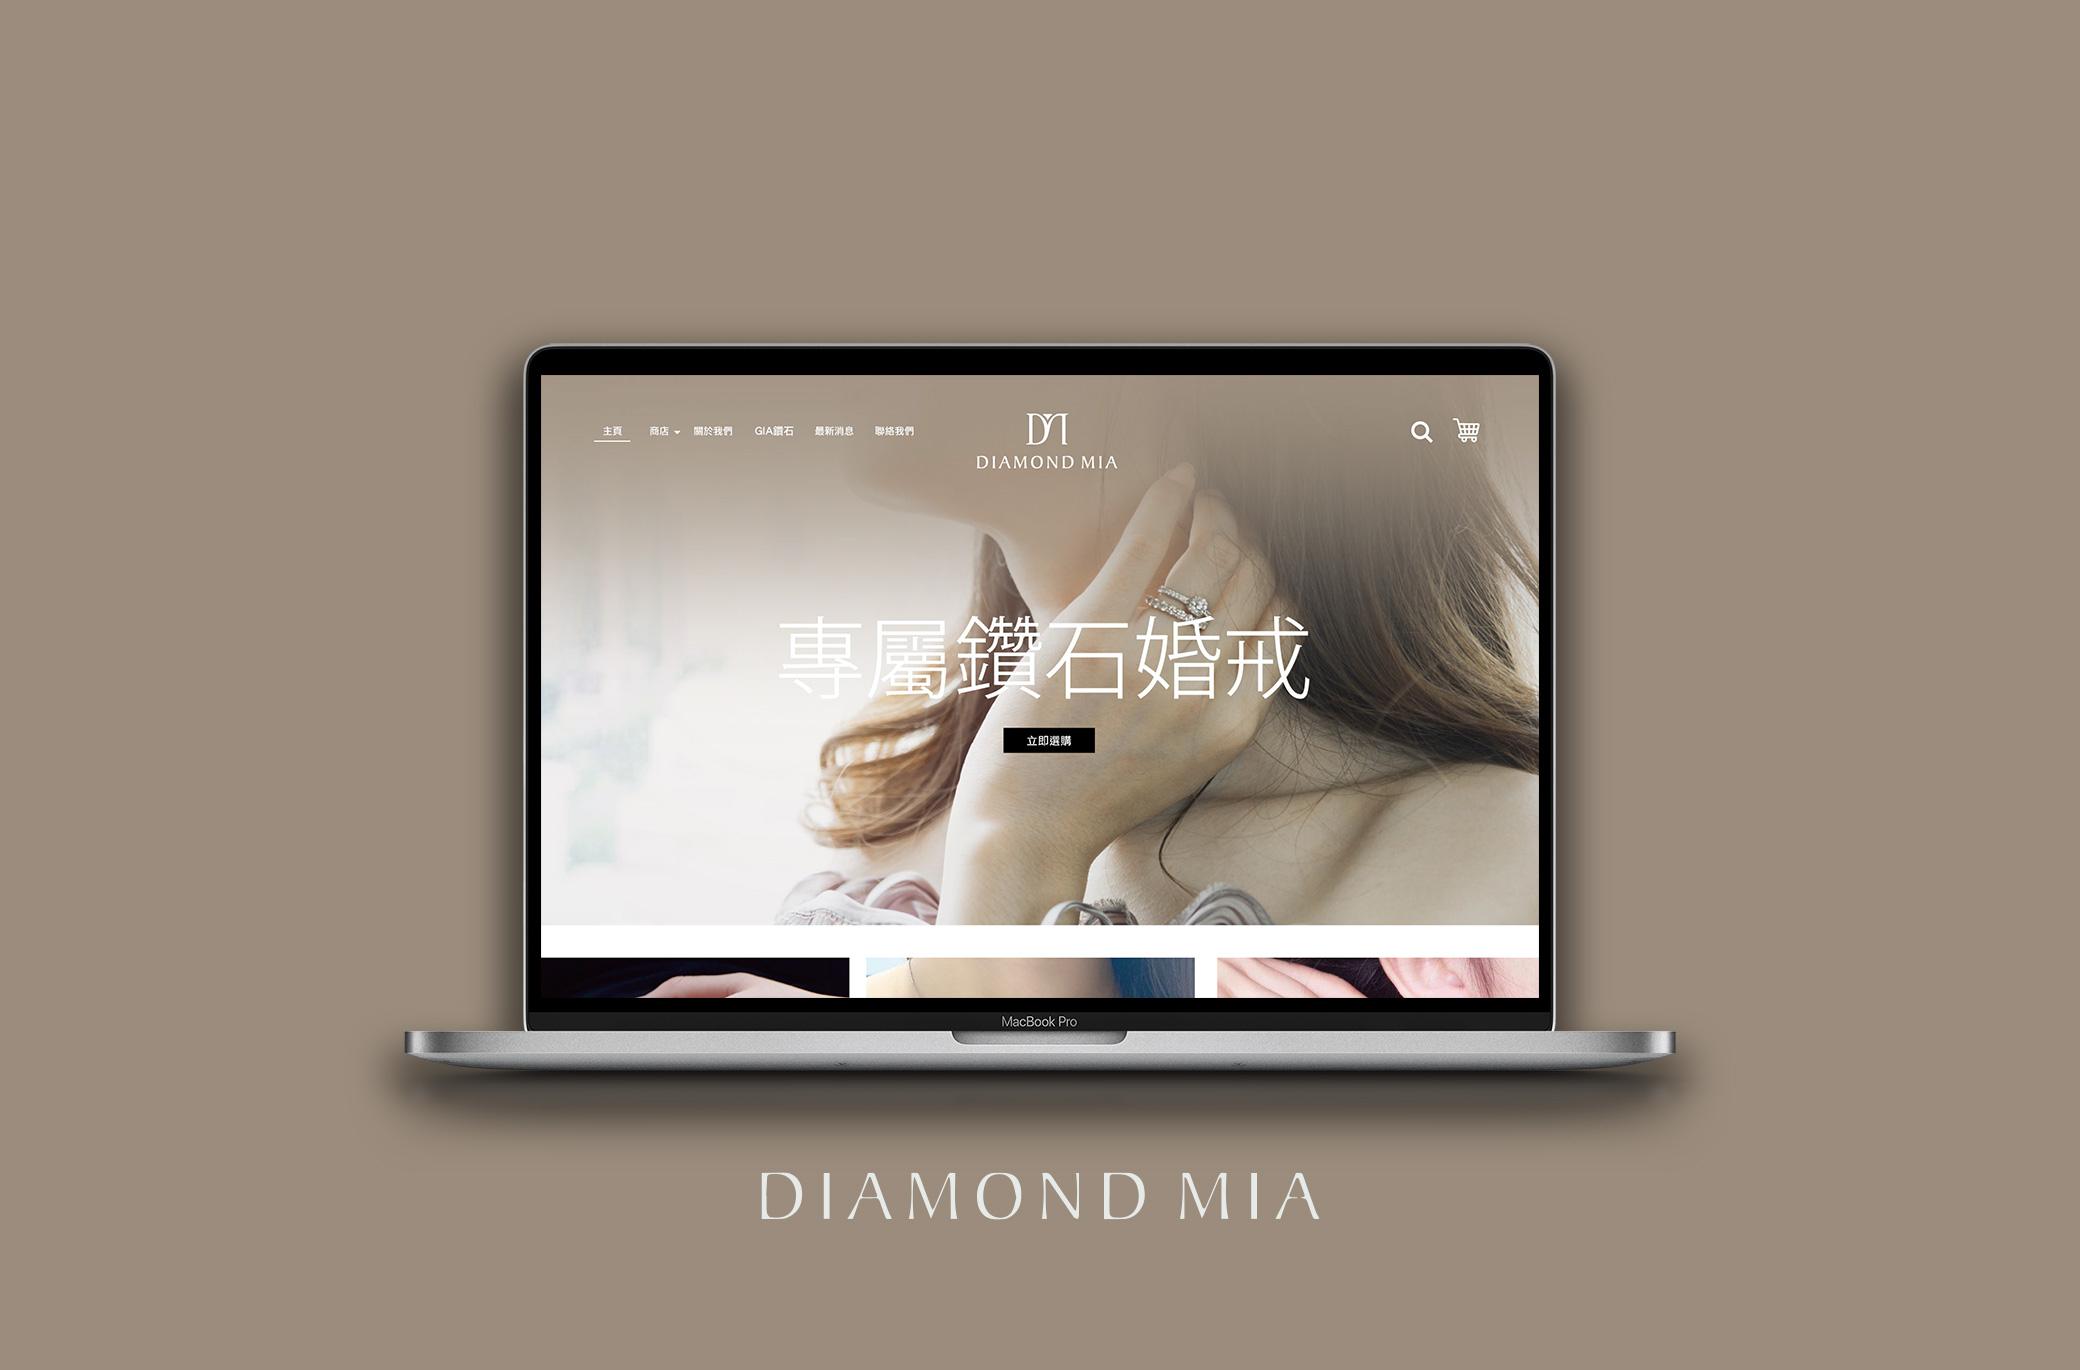 Website-design-DiamondMia